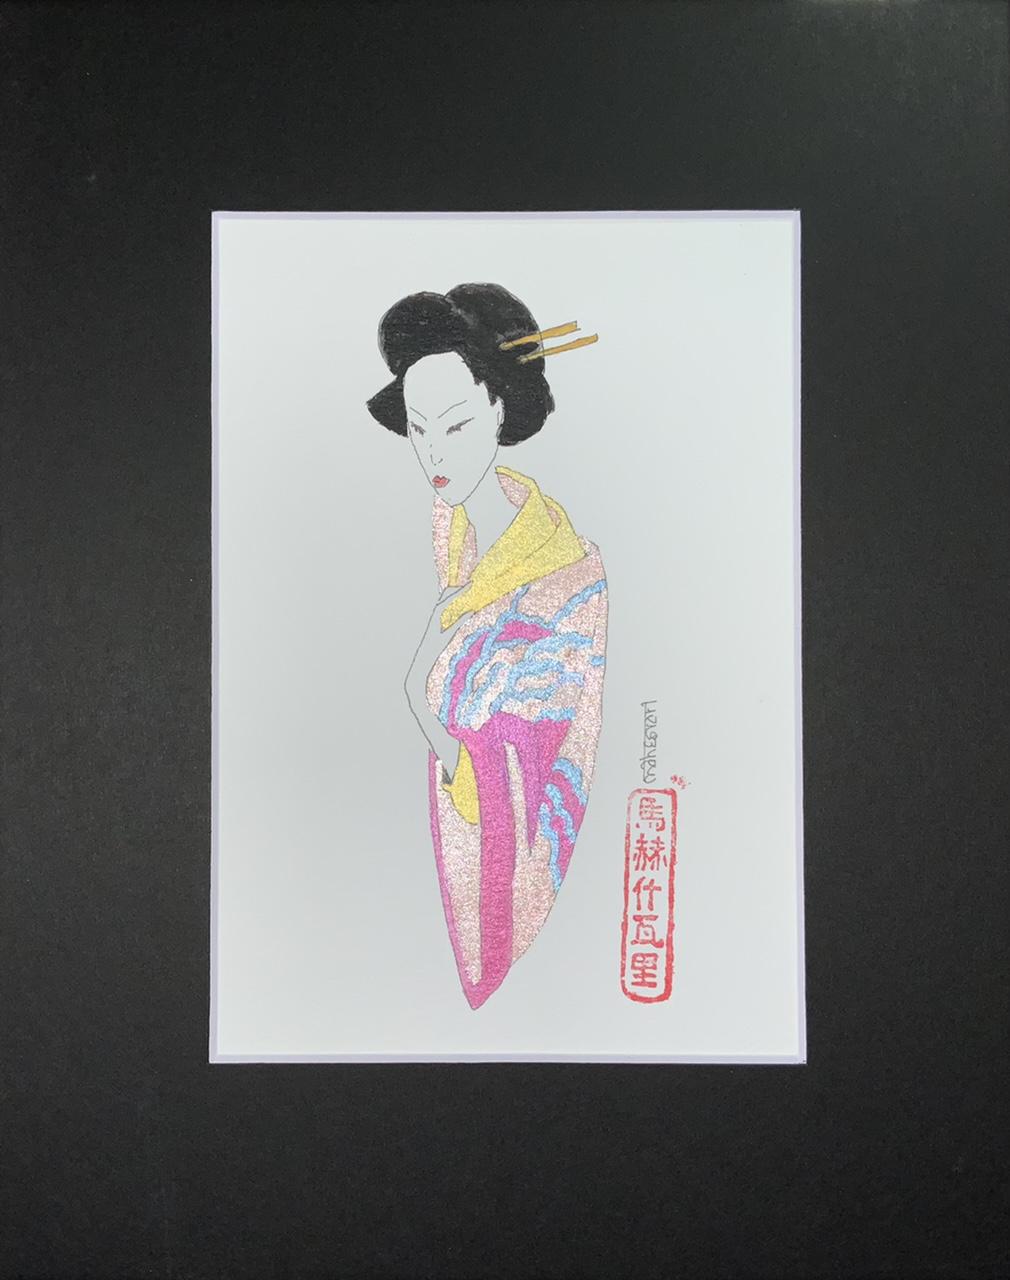 """<span style=""""color: #ff0000;""""><a style=""""color: #ff0000;"""" href=""""mailto:info@arttotalmultimedia.com?subject=Défi 15 dessins 15 semaines - La Belle"""">Contacter l'agent de l'artiste</a></span> Mahesvari - La Belle - 115$ (transaction directement avec l'agent de l'artiste) - encre, aquarelle et aquarelle métalisée sur papier aquarelle, 8,5 x 5,5 po avec passe-partout noir 10x8 po"""